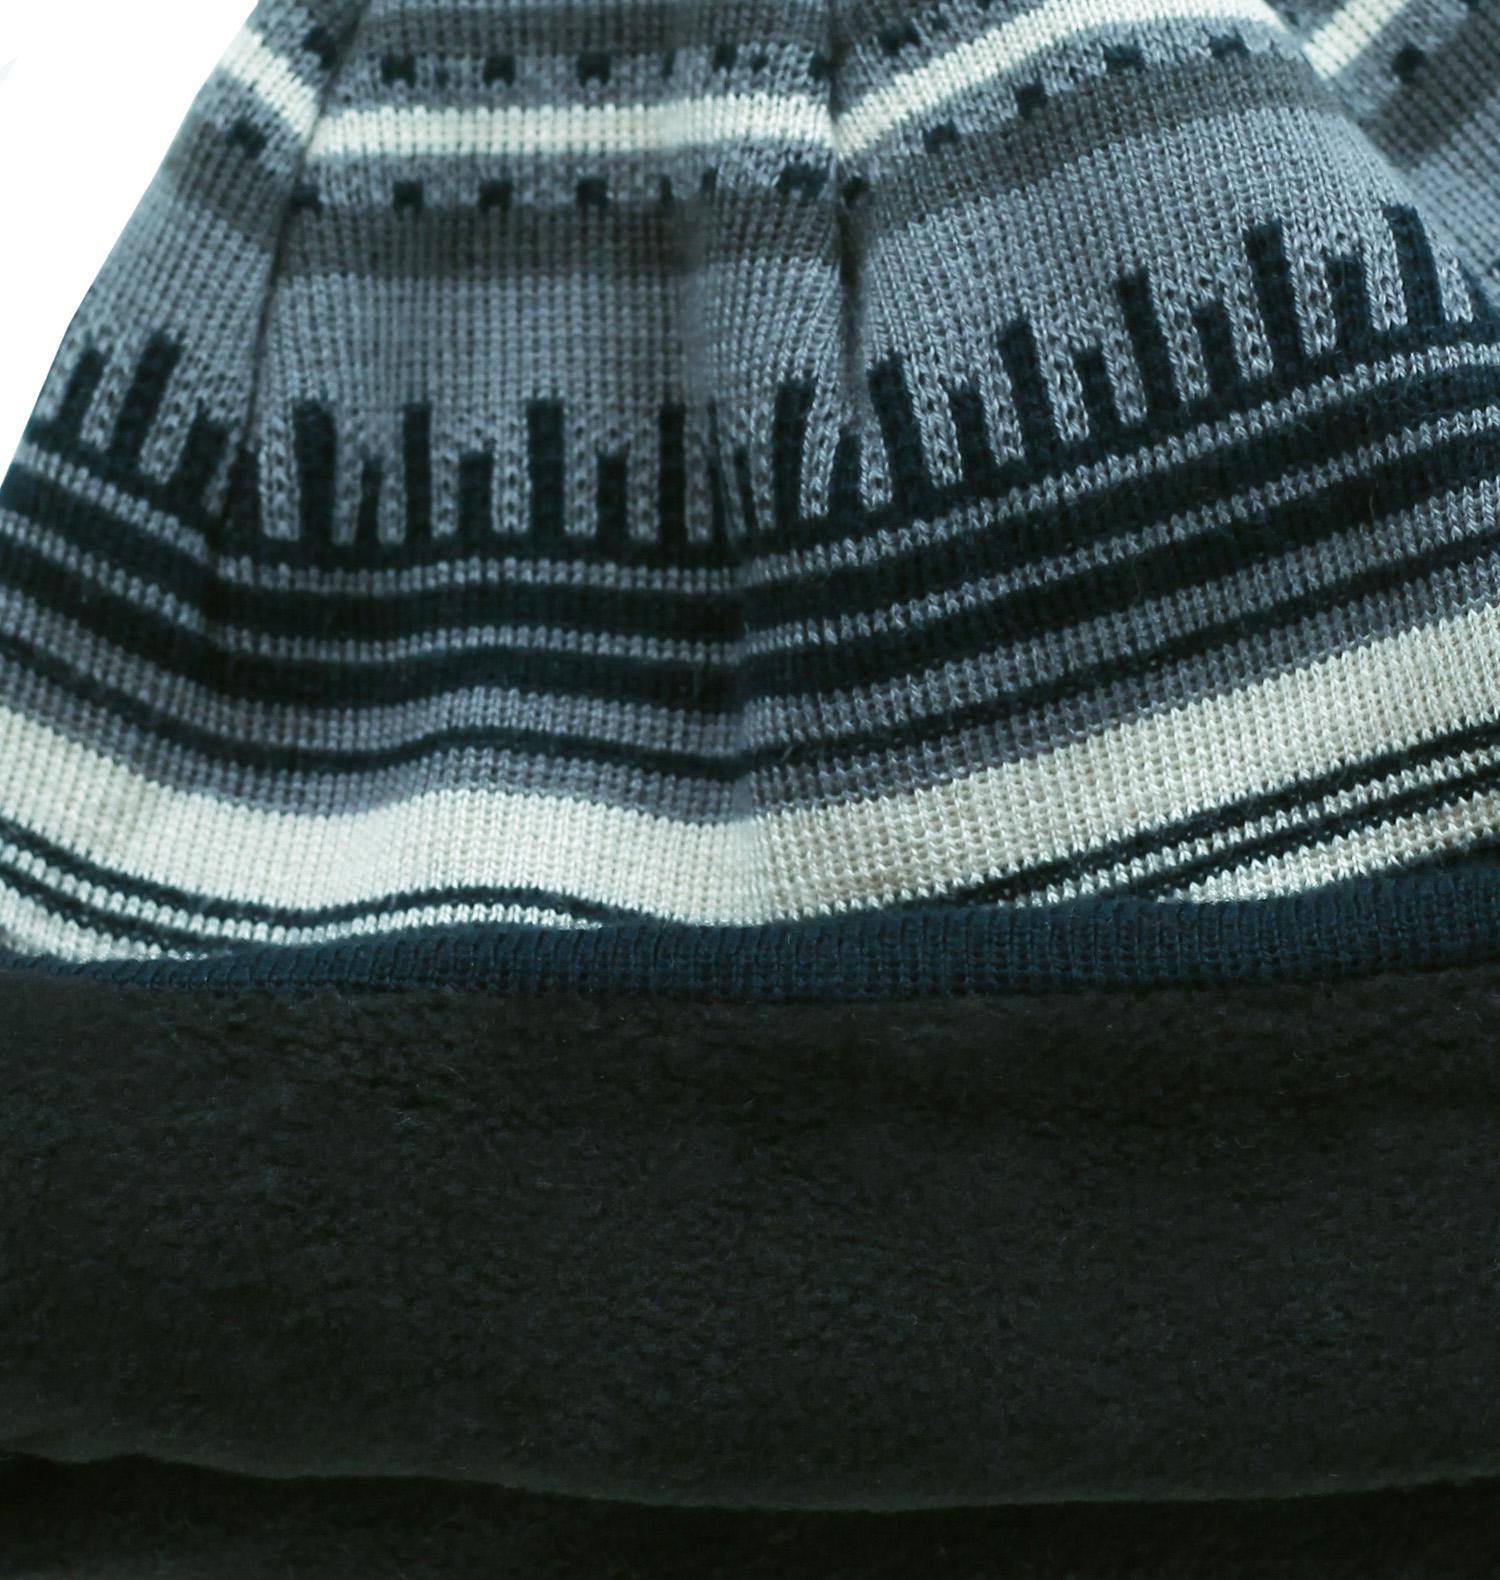 Купить мужскую ультрамодную элегантную шапку с жаккардовым рисунком и флисовой подкладкой по низкой цене